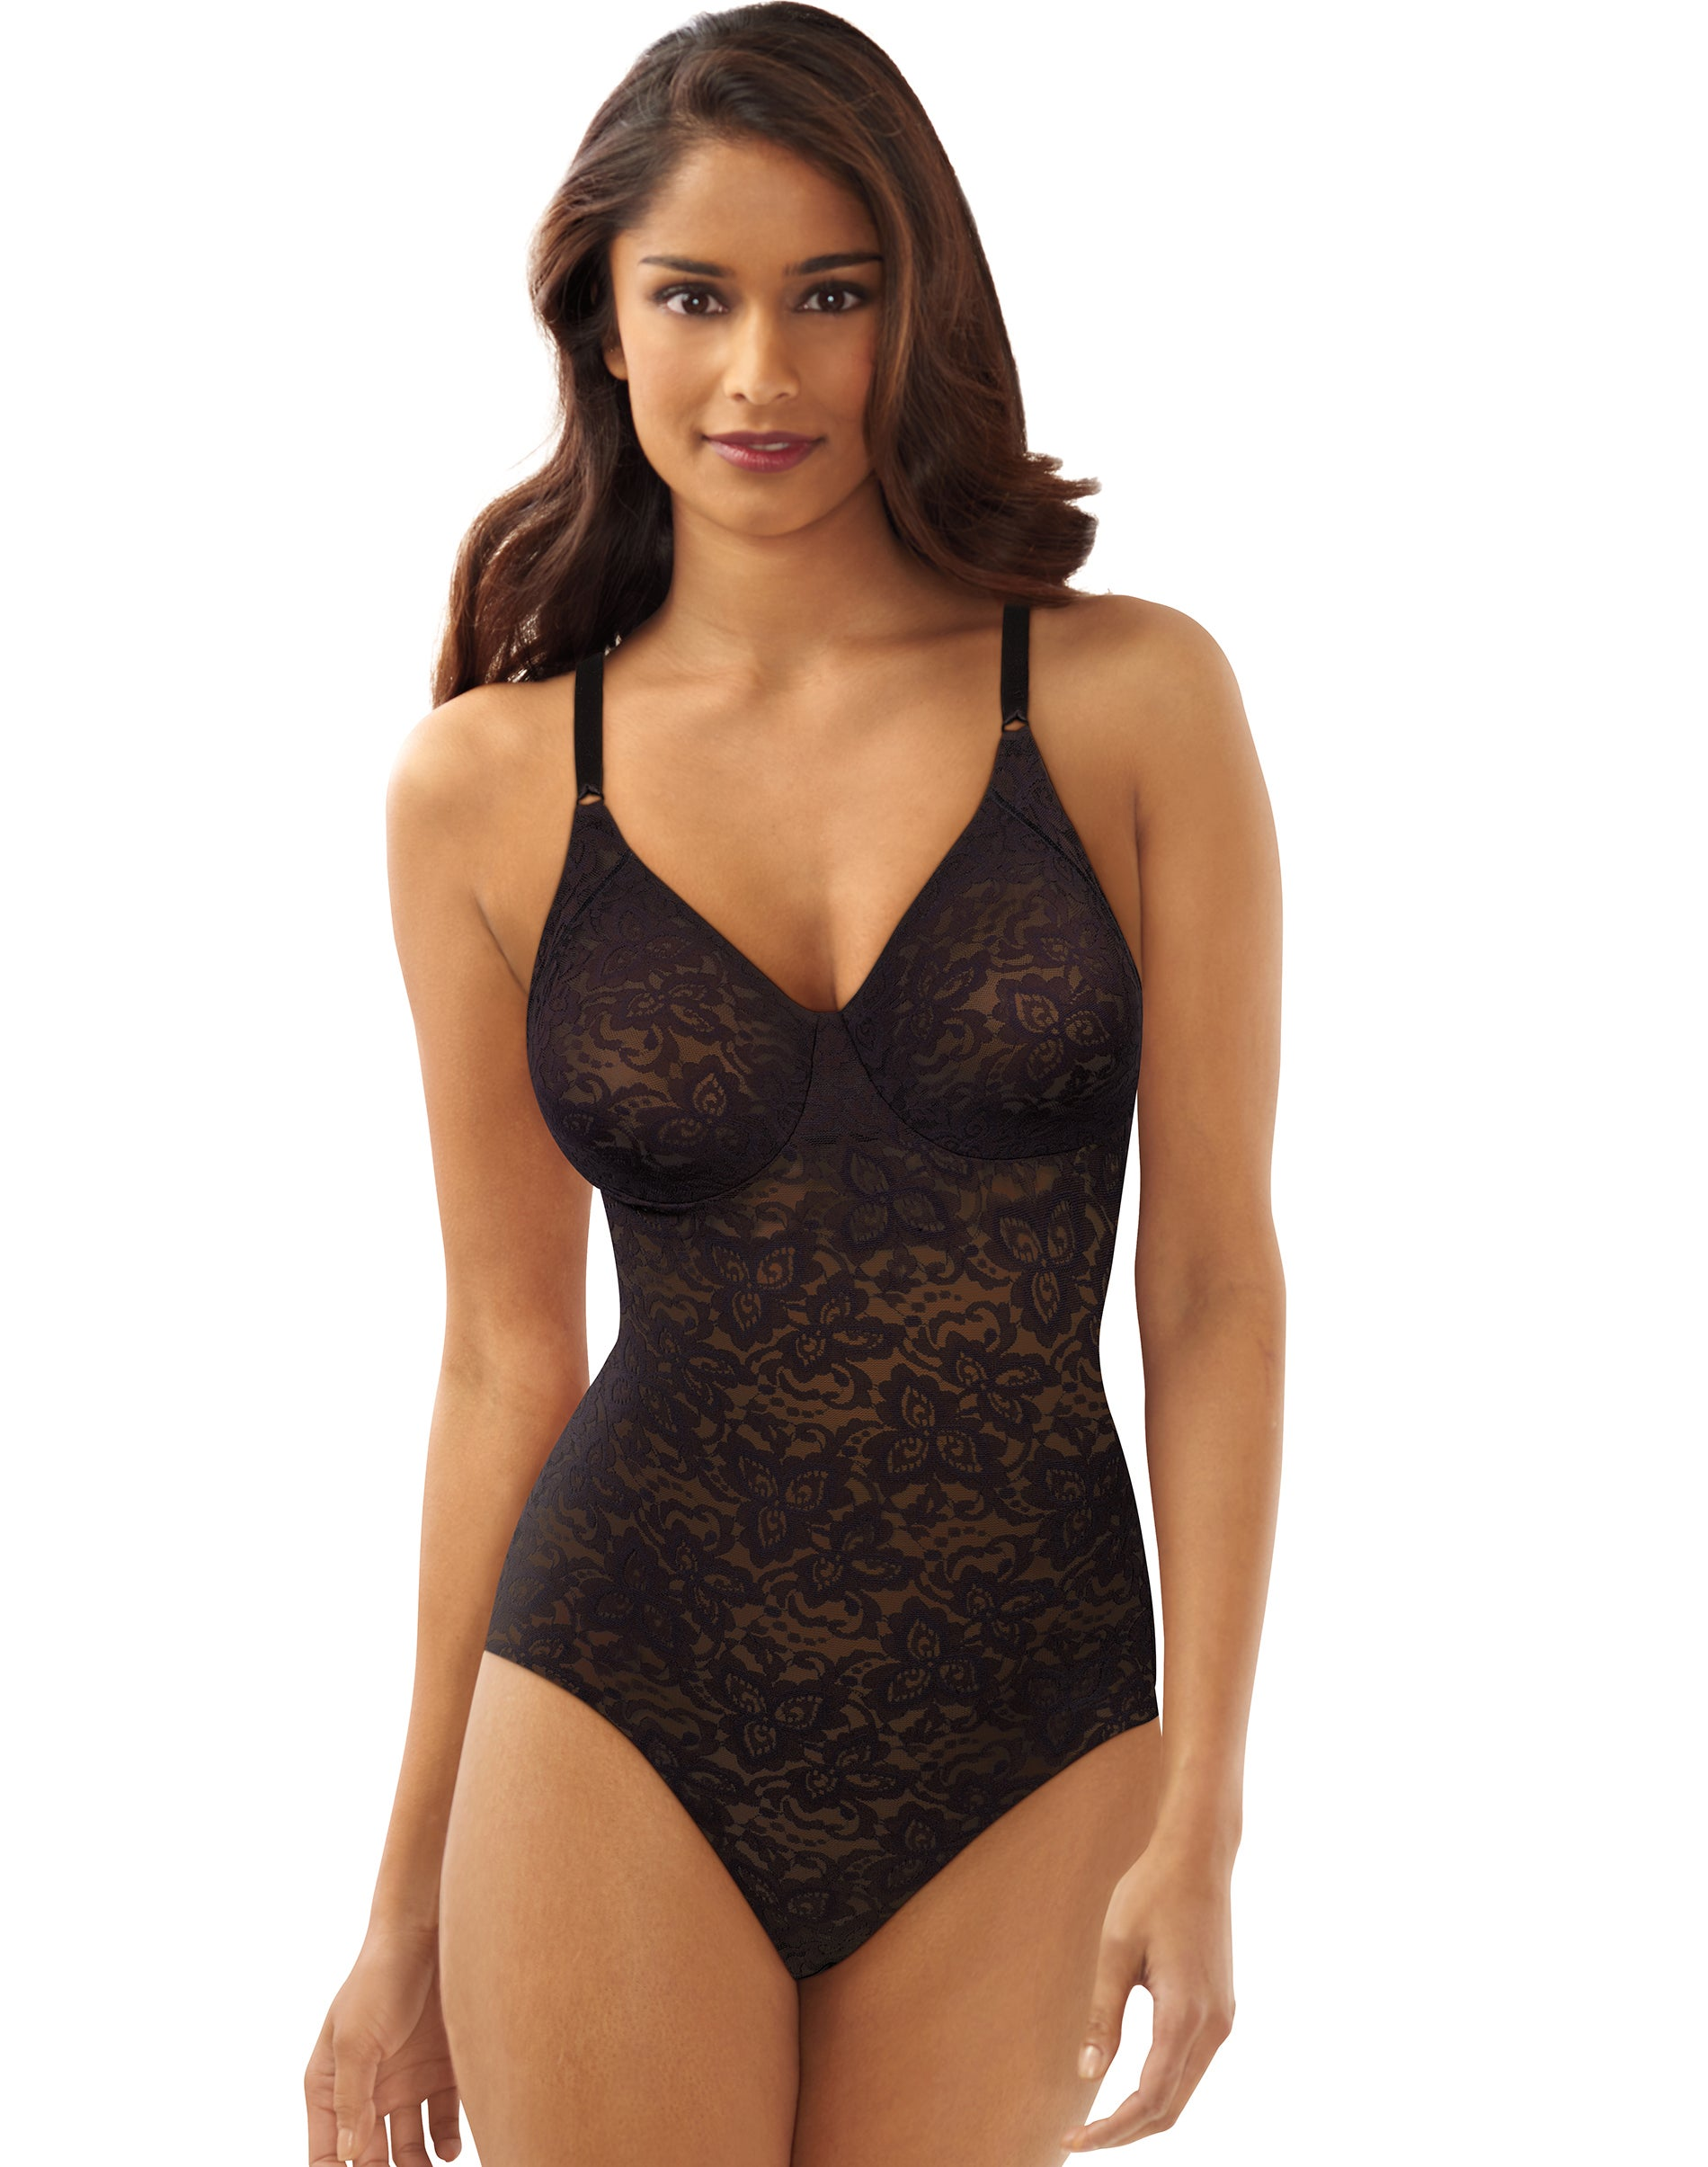 Bali Body Shaper Black 34B Women's